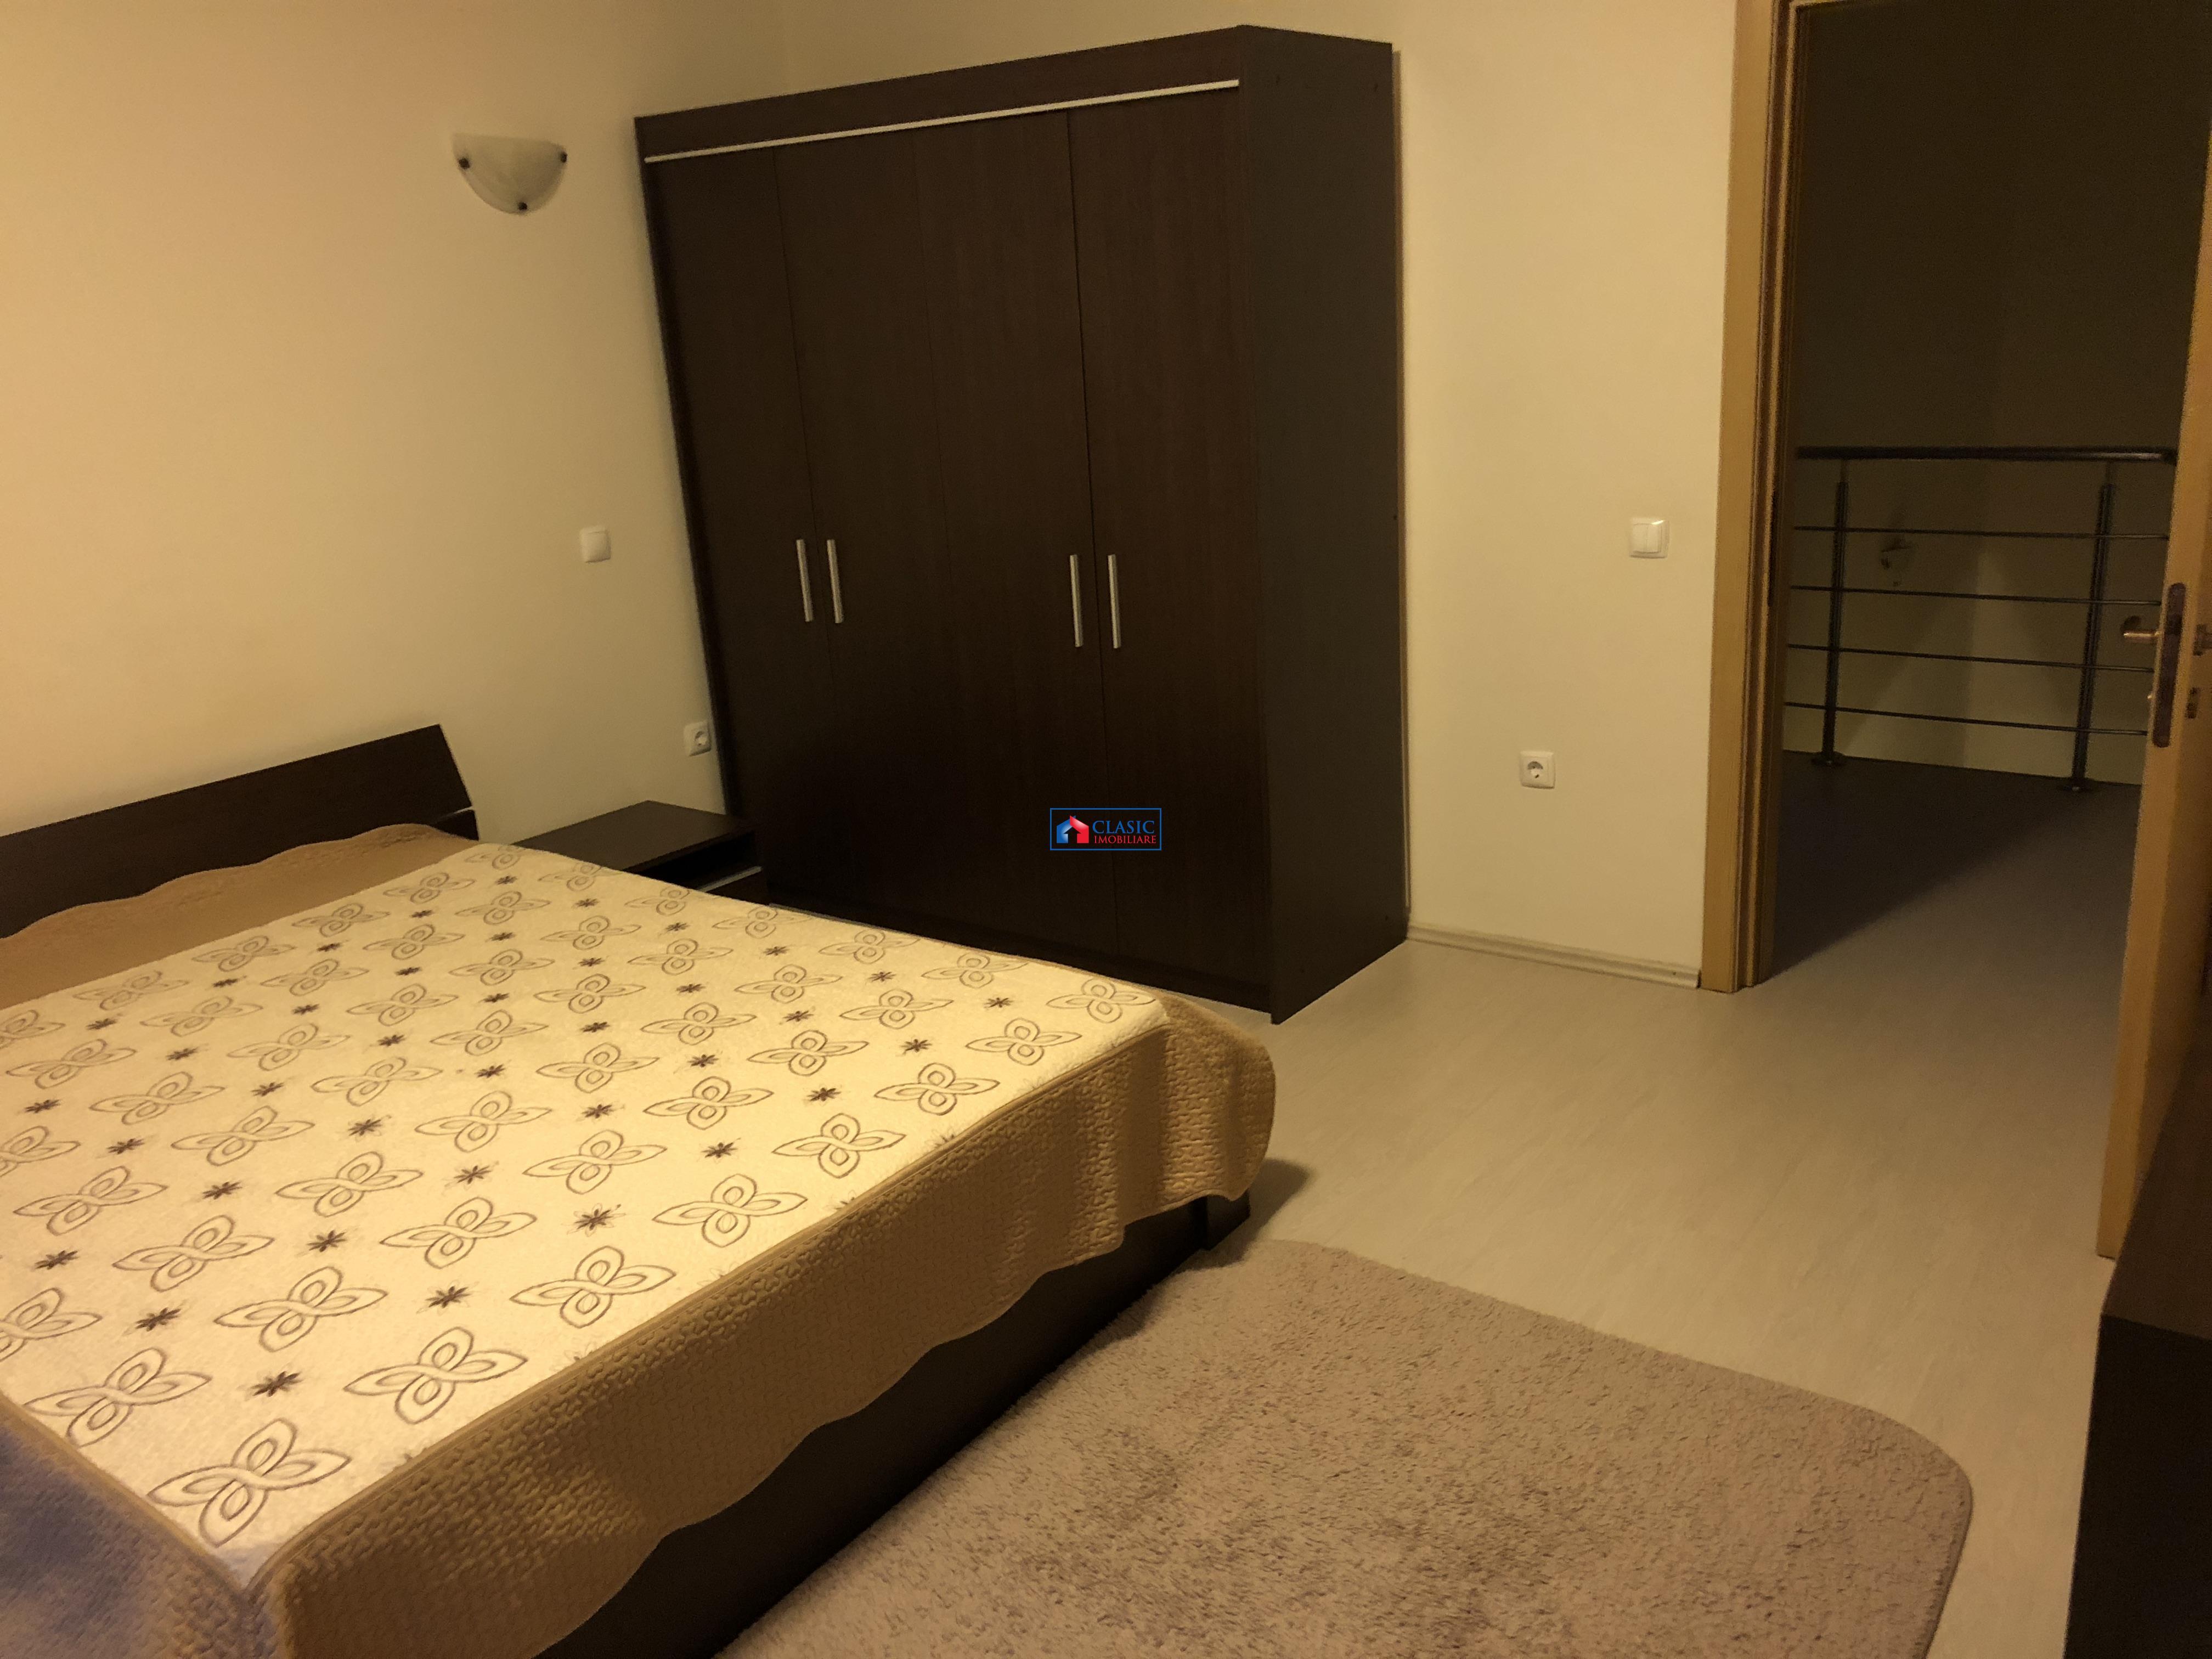 Inchiriere parte duplex 4 camere si 400 mp teren, Europa Cluj Napoca